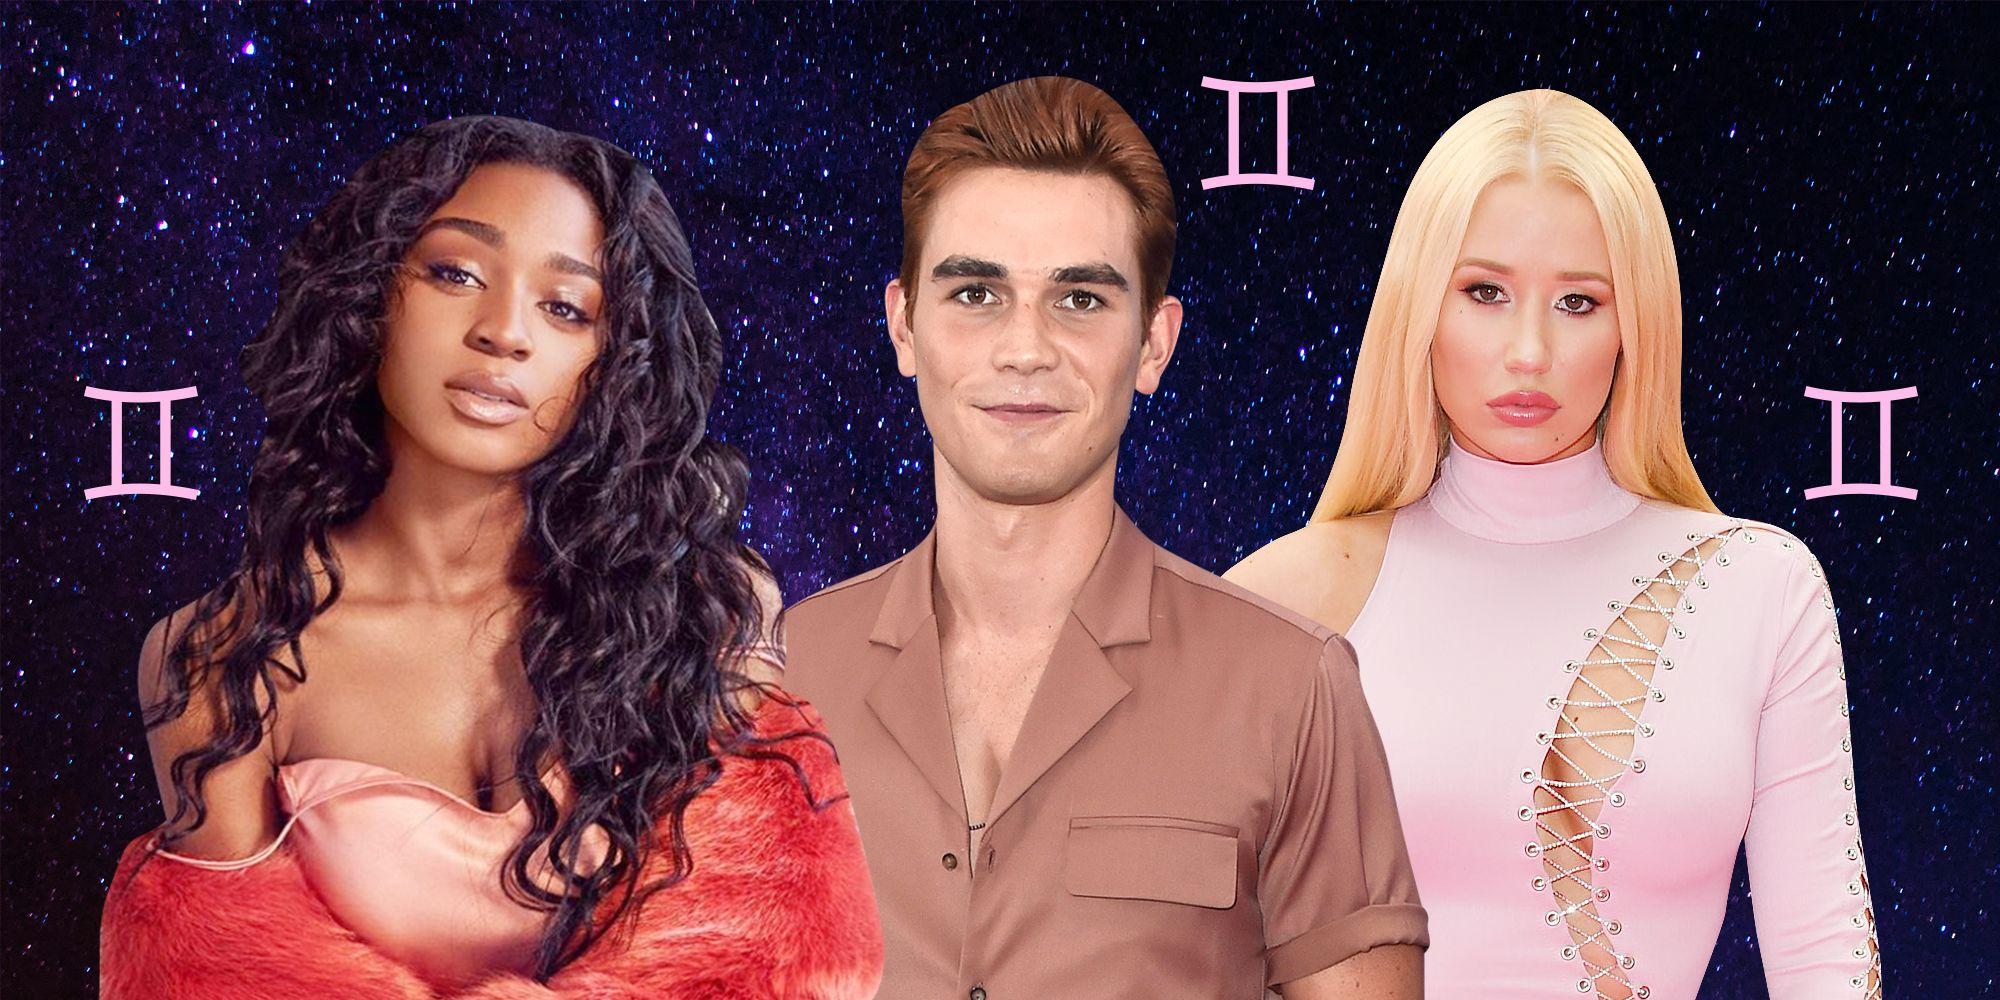 Gemini horoscope celebrities pictures